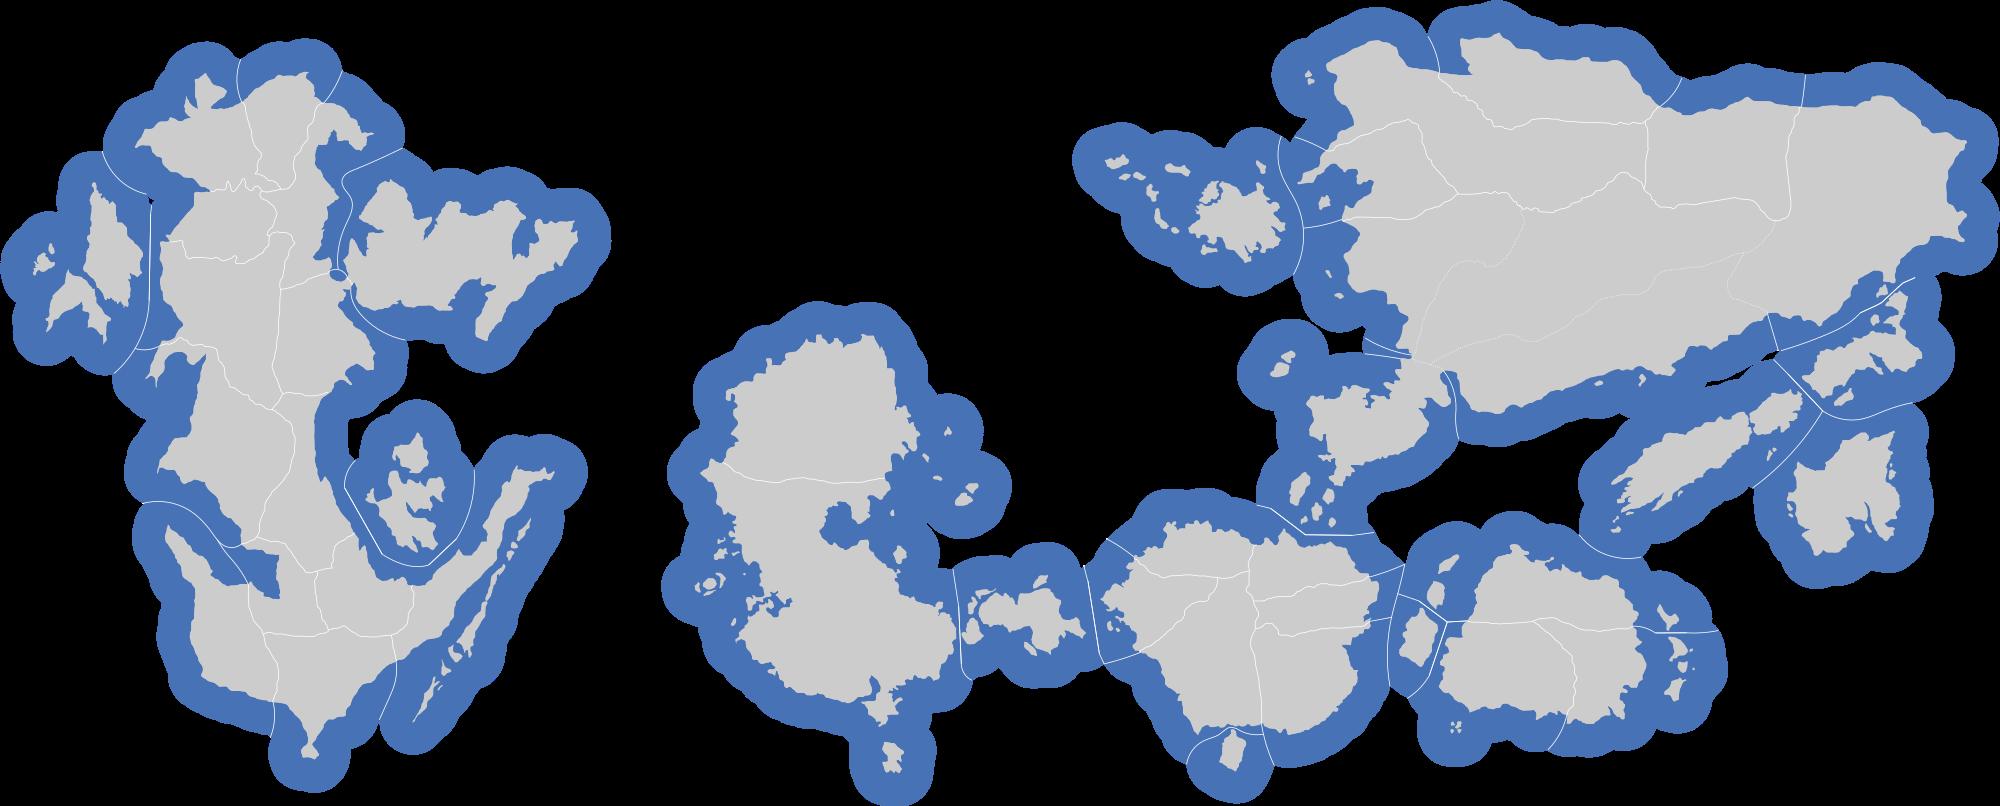 Intégration de l'économie marine et détermination des zones maritimes - Page 5 180420074703138276